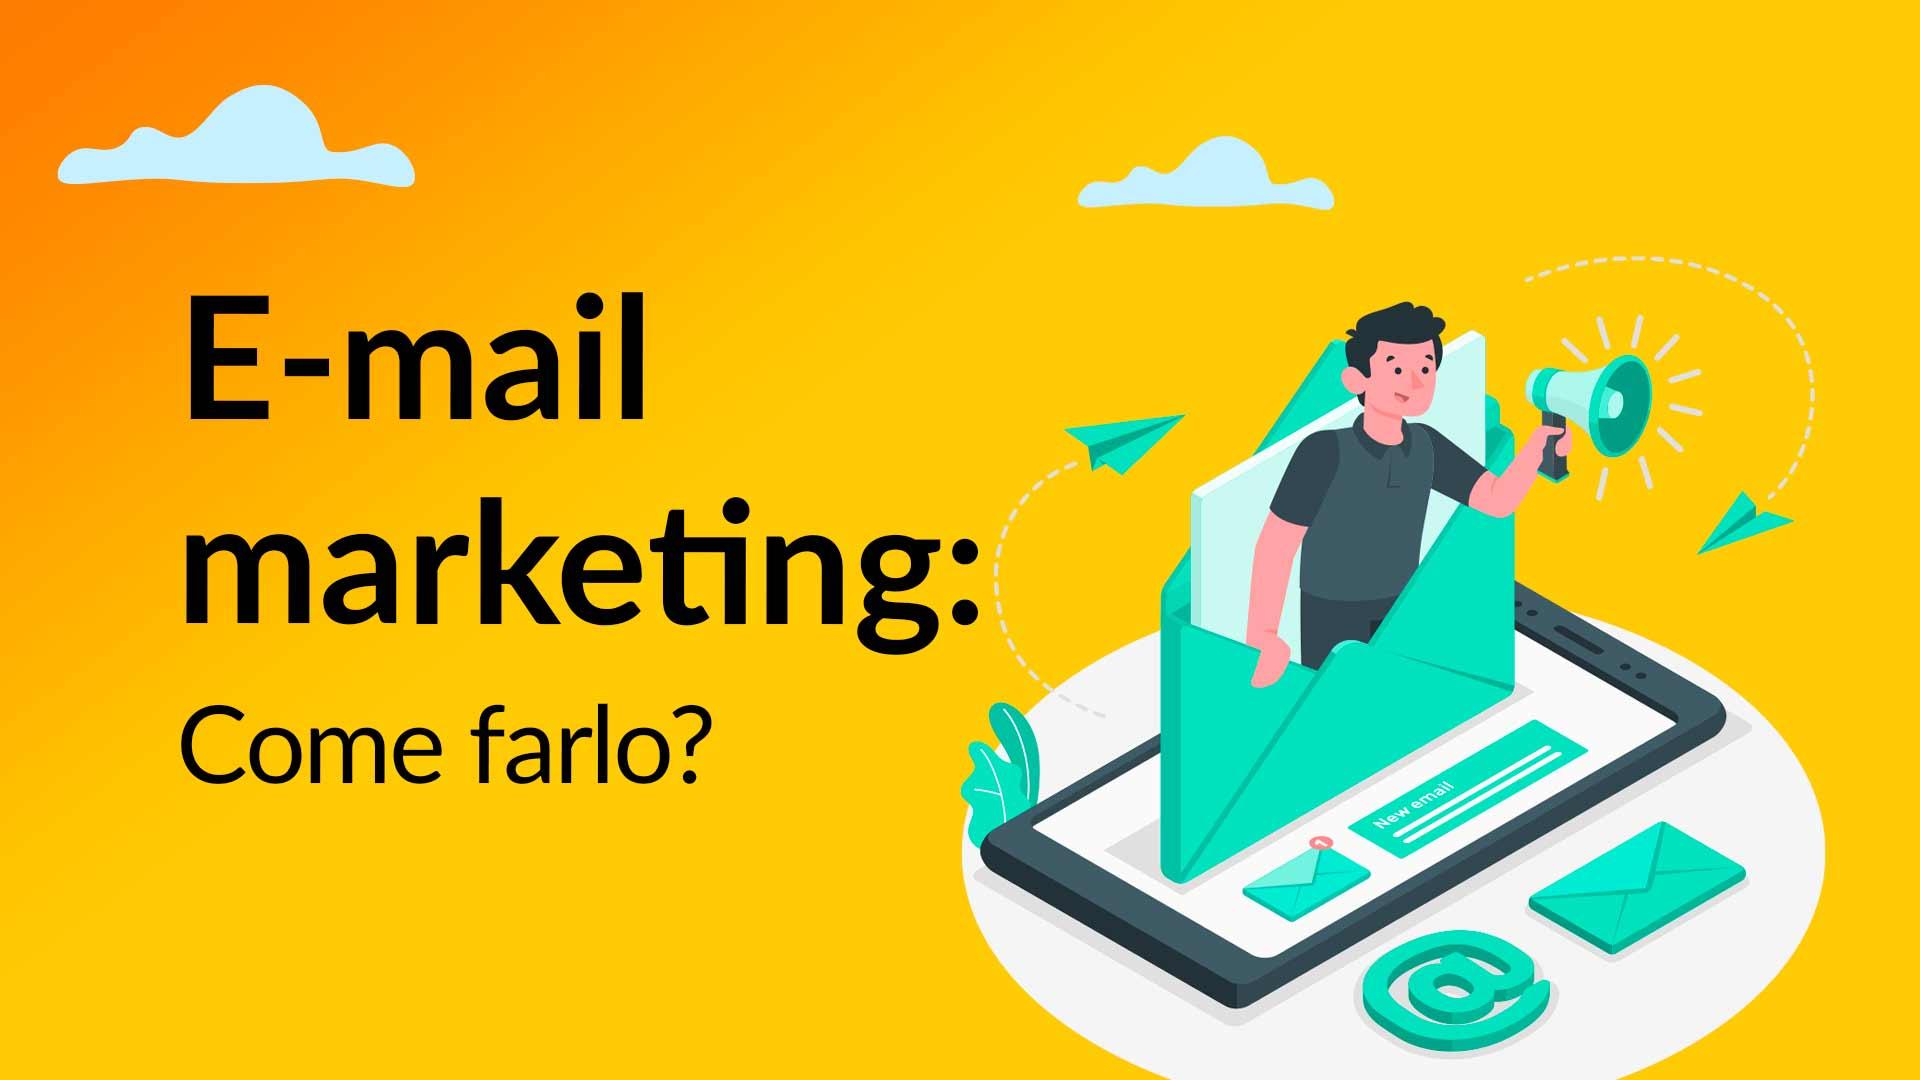 Come fare e-mail marketing